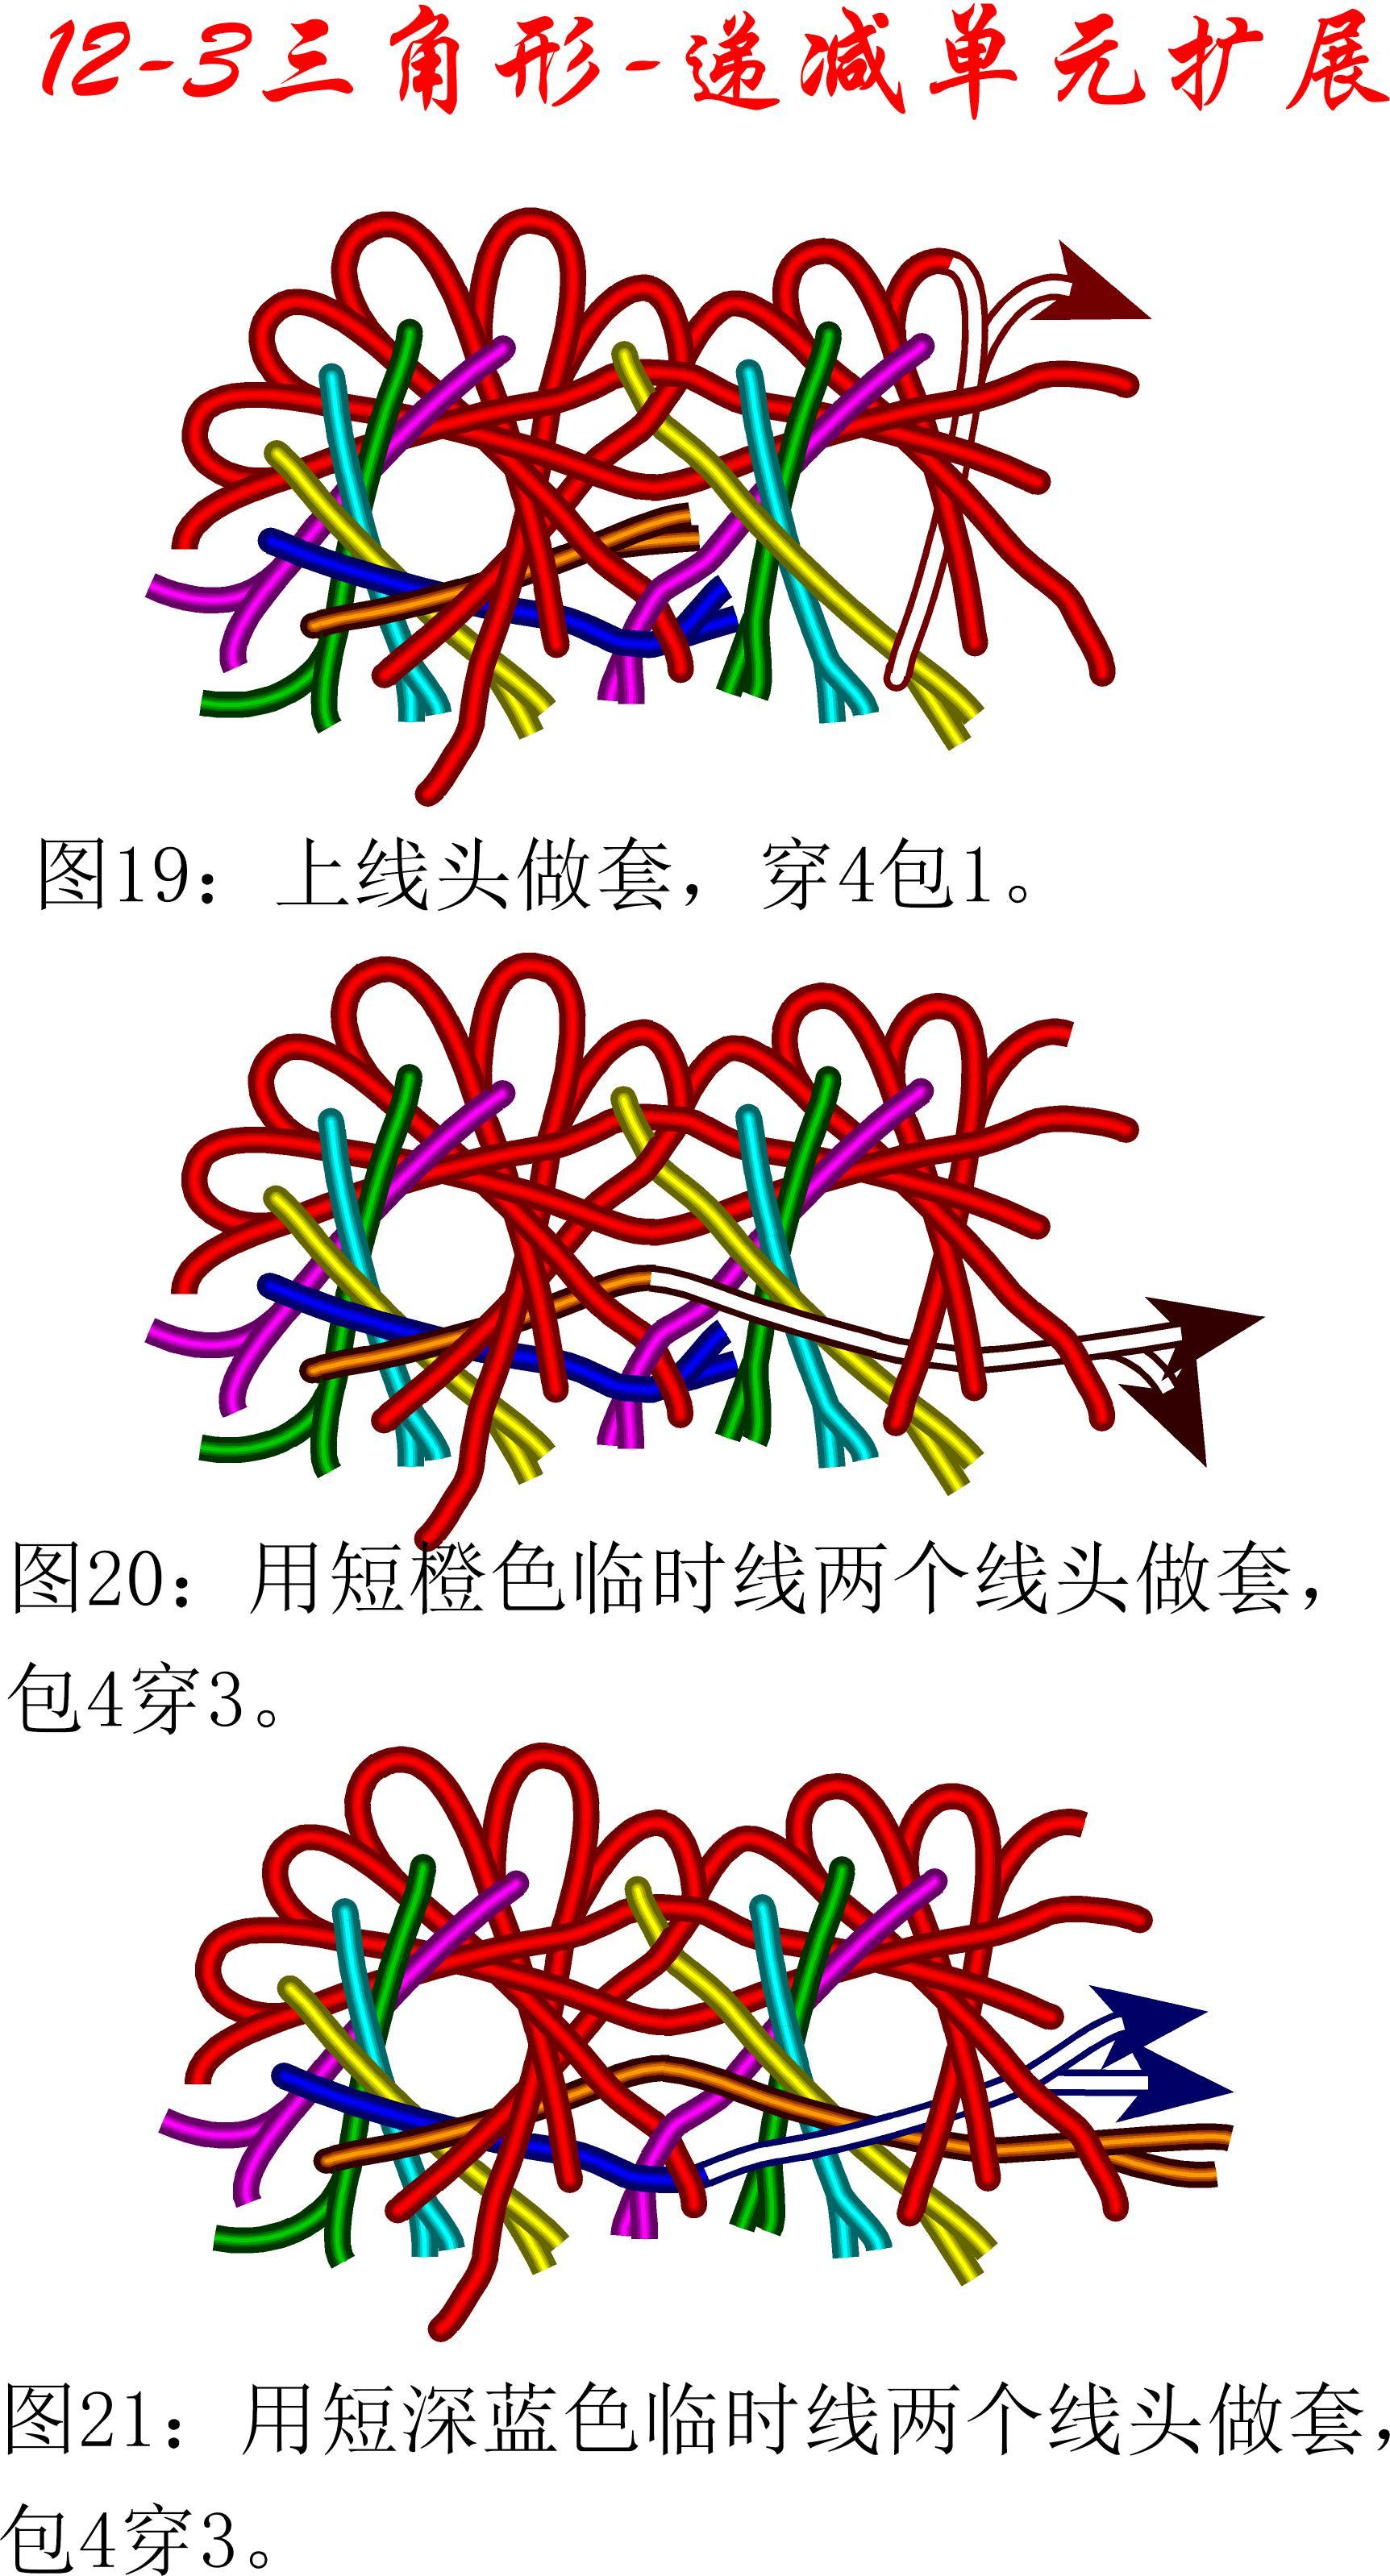 中国结论坛 12-3盘长减少单元扩展方法---三角盘长徒手教程 教程,基本单元,存储器扩展单元,星三角 丑丑徒手编结 174547sofm9k46hx9aarih